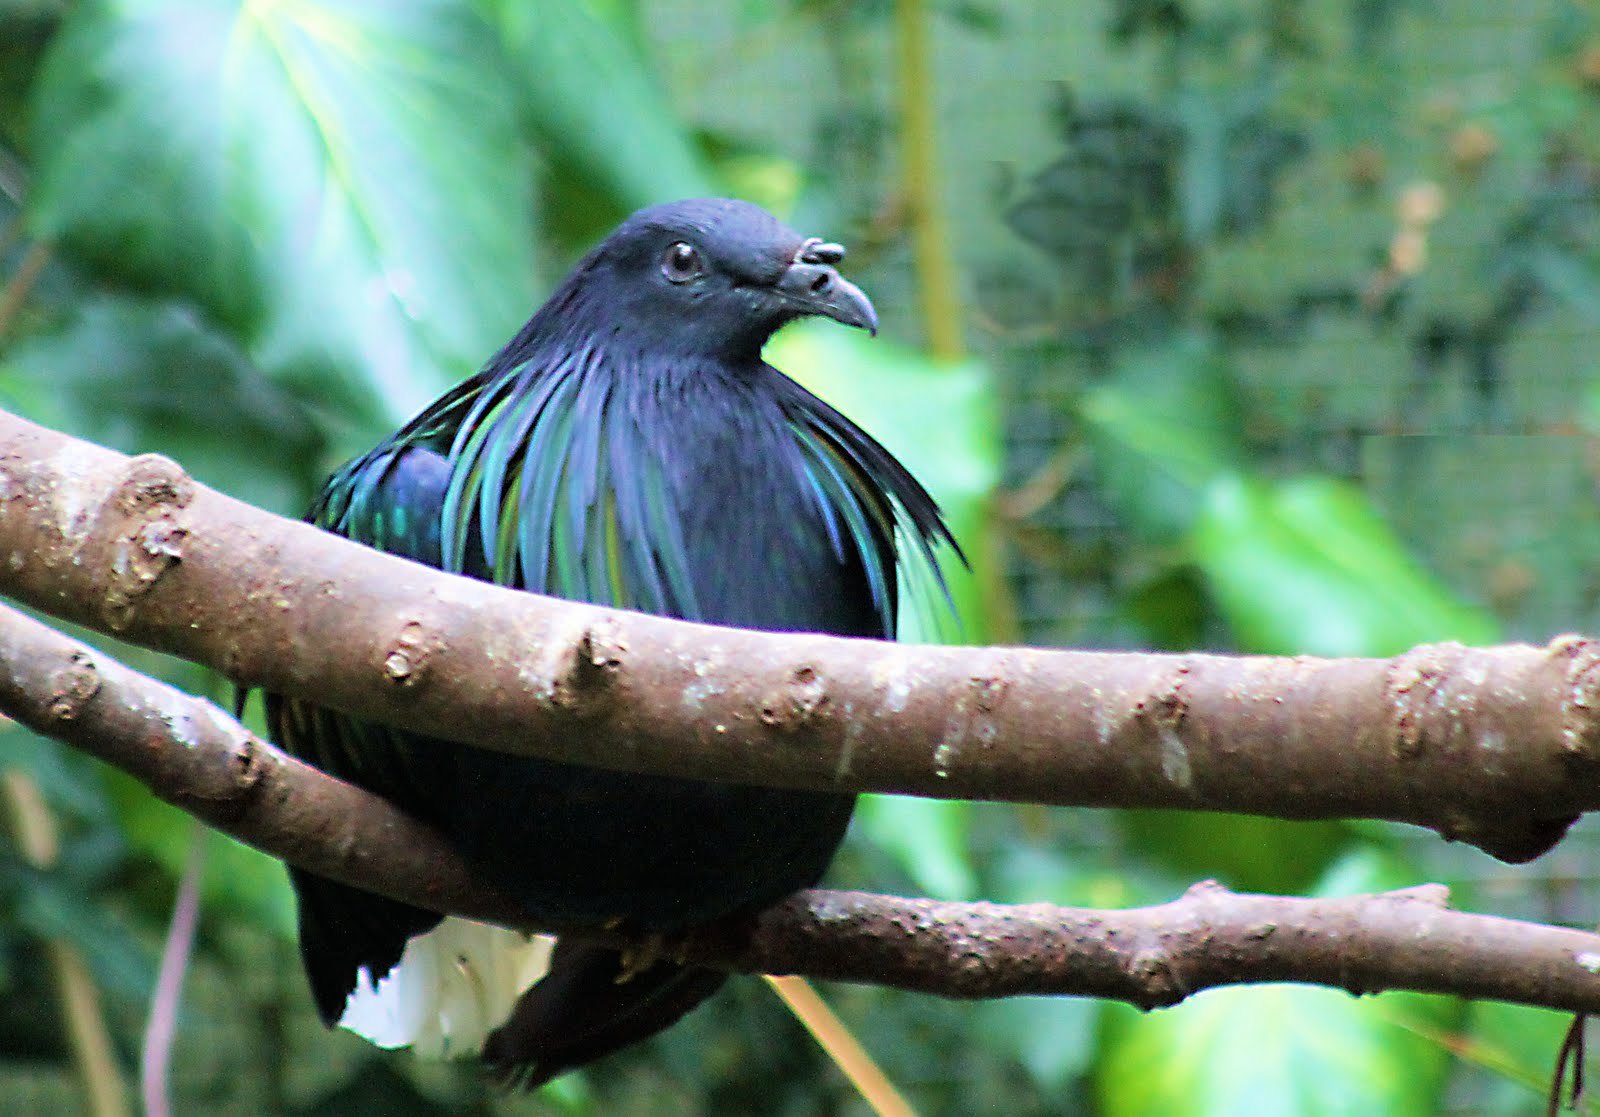 Sitting Asian Fairy Bluebird